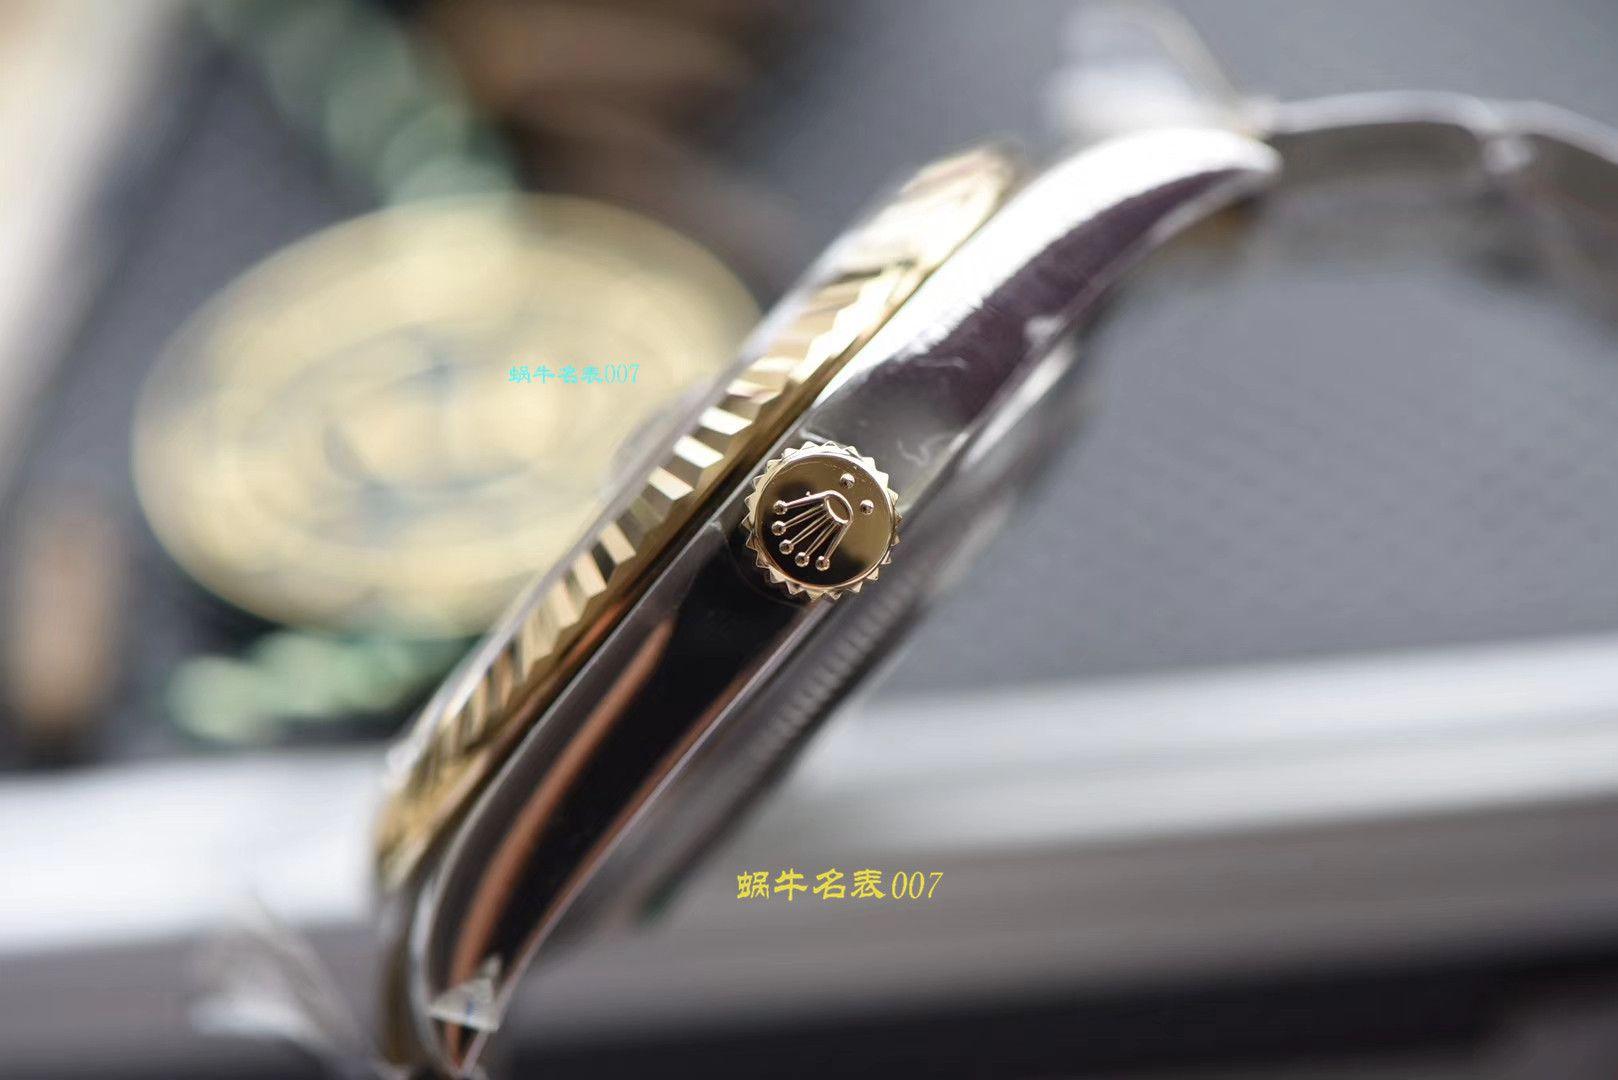 【视频评测AR厂一比一复刻劳力士日志手表】复刻的手表劳力士日志型系列116333-72213香槟盘腕表